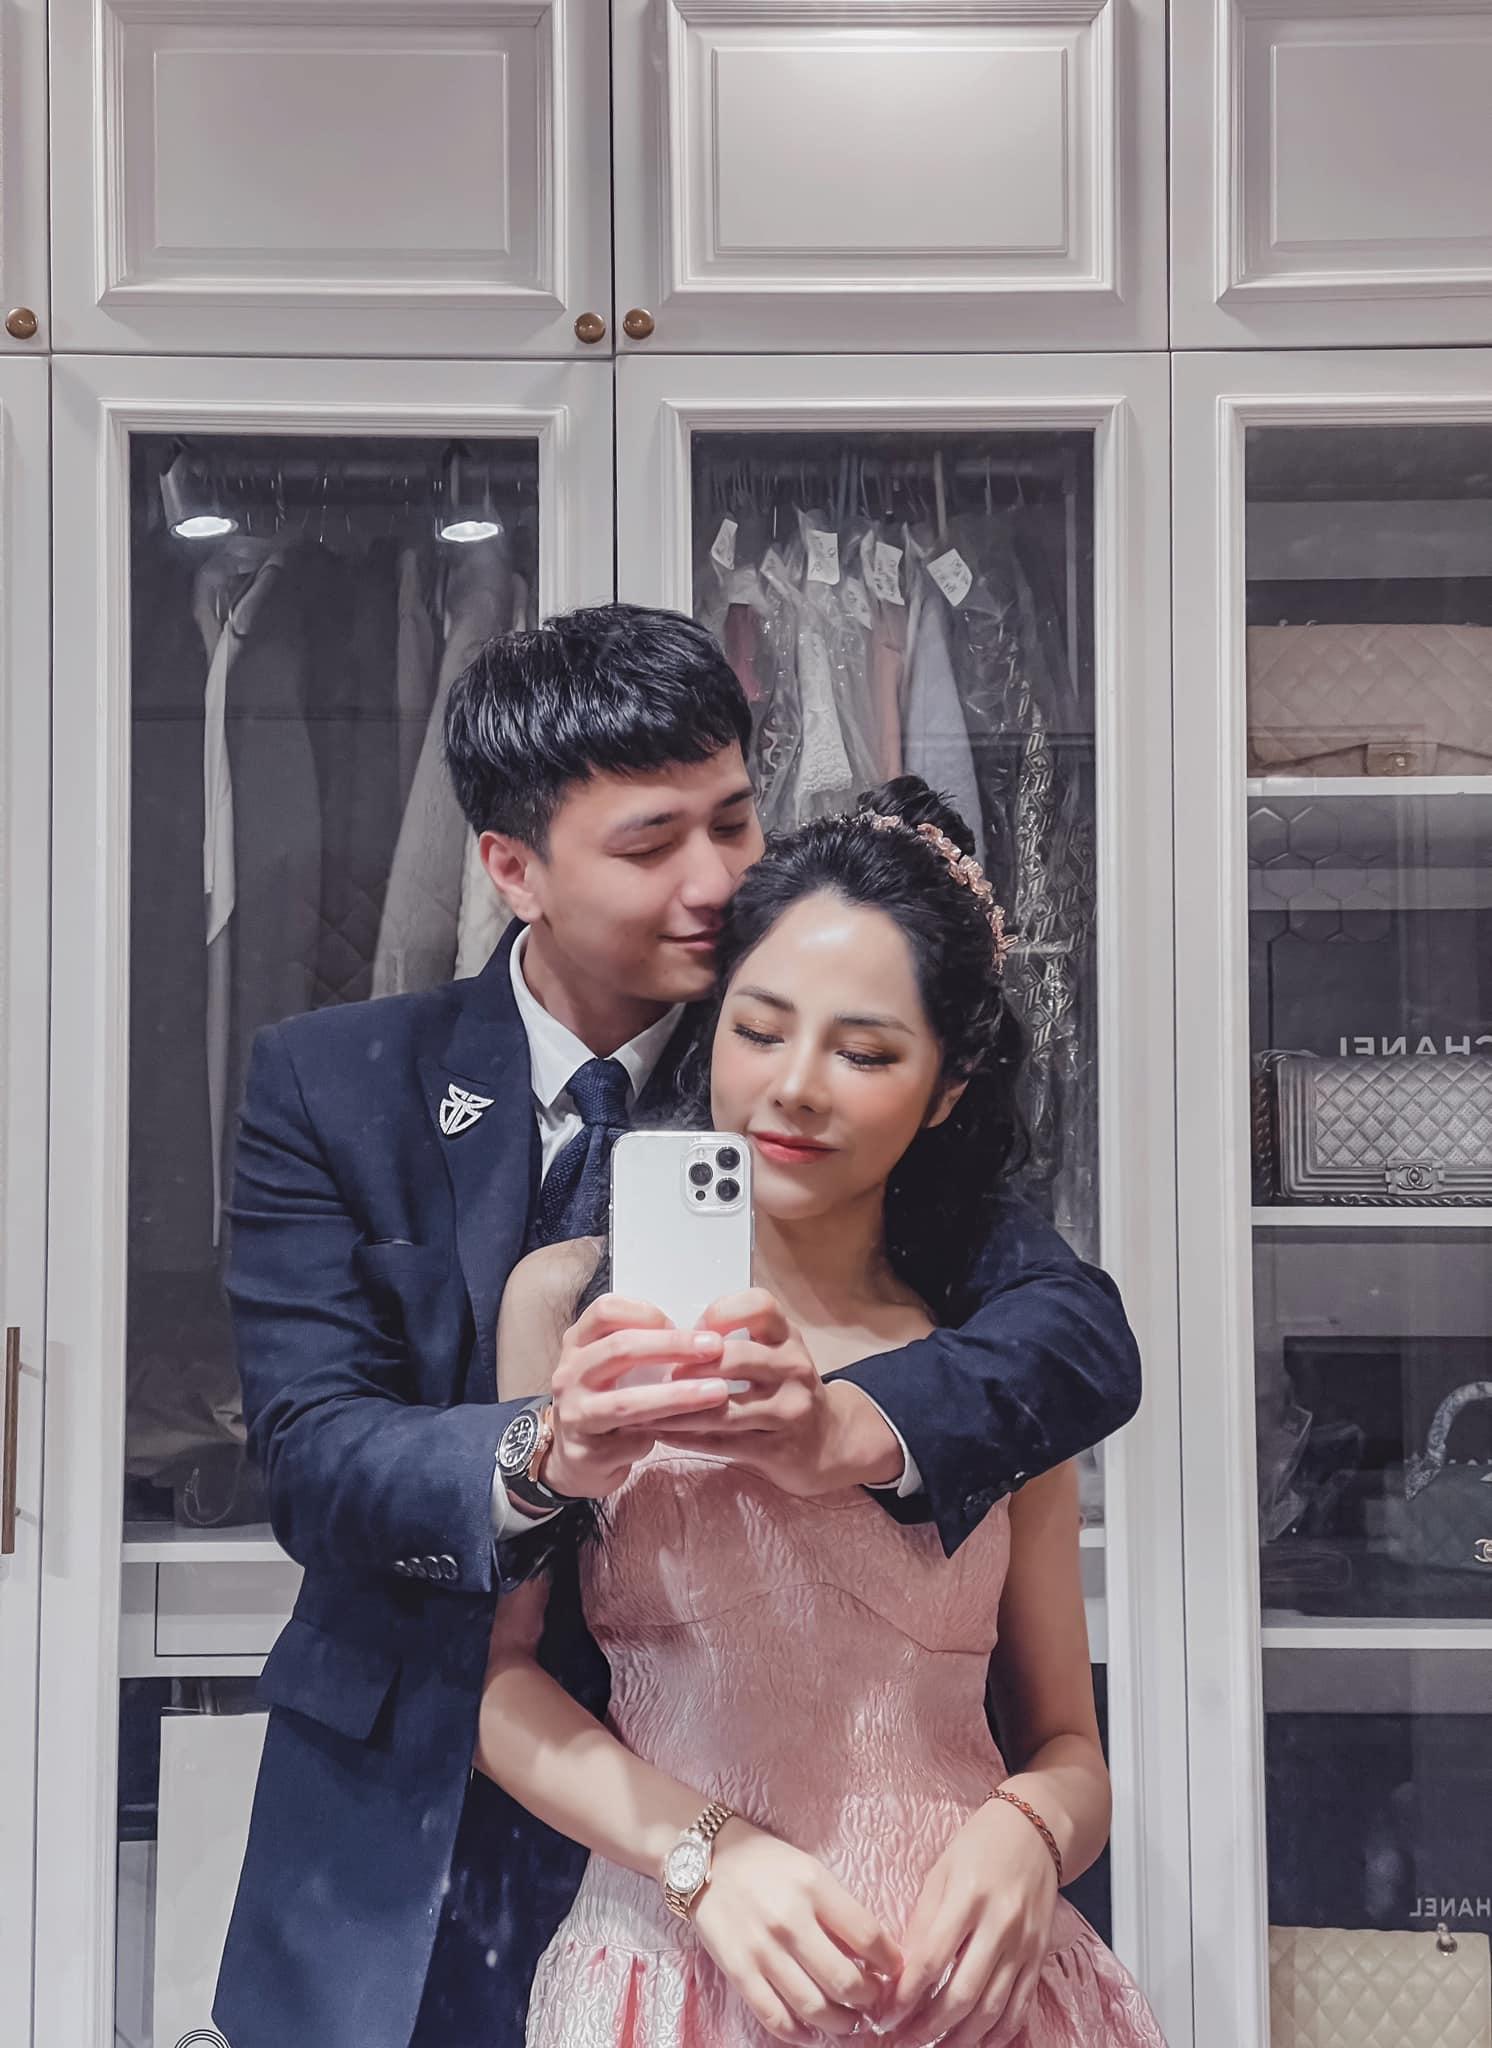 """Huỳnh Anh: """"Trước Phương, tôi yêu nhiều nhưng chưa từng hỏi cưới ai"""" - Ảnh 2."""